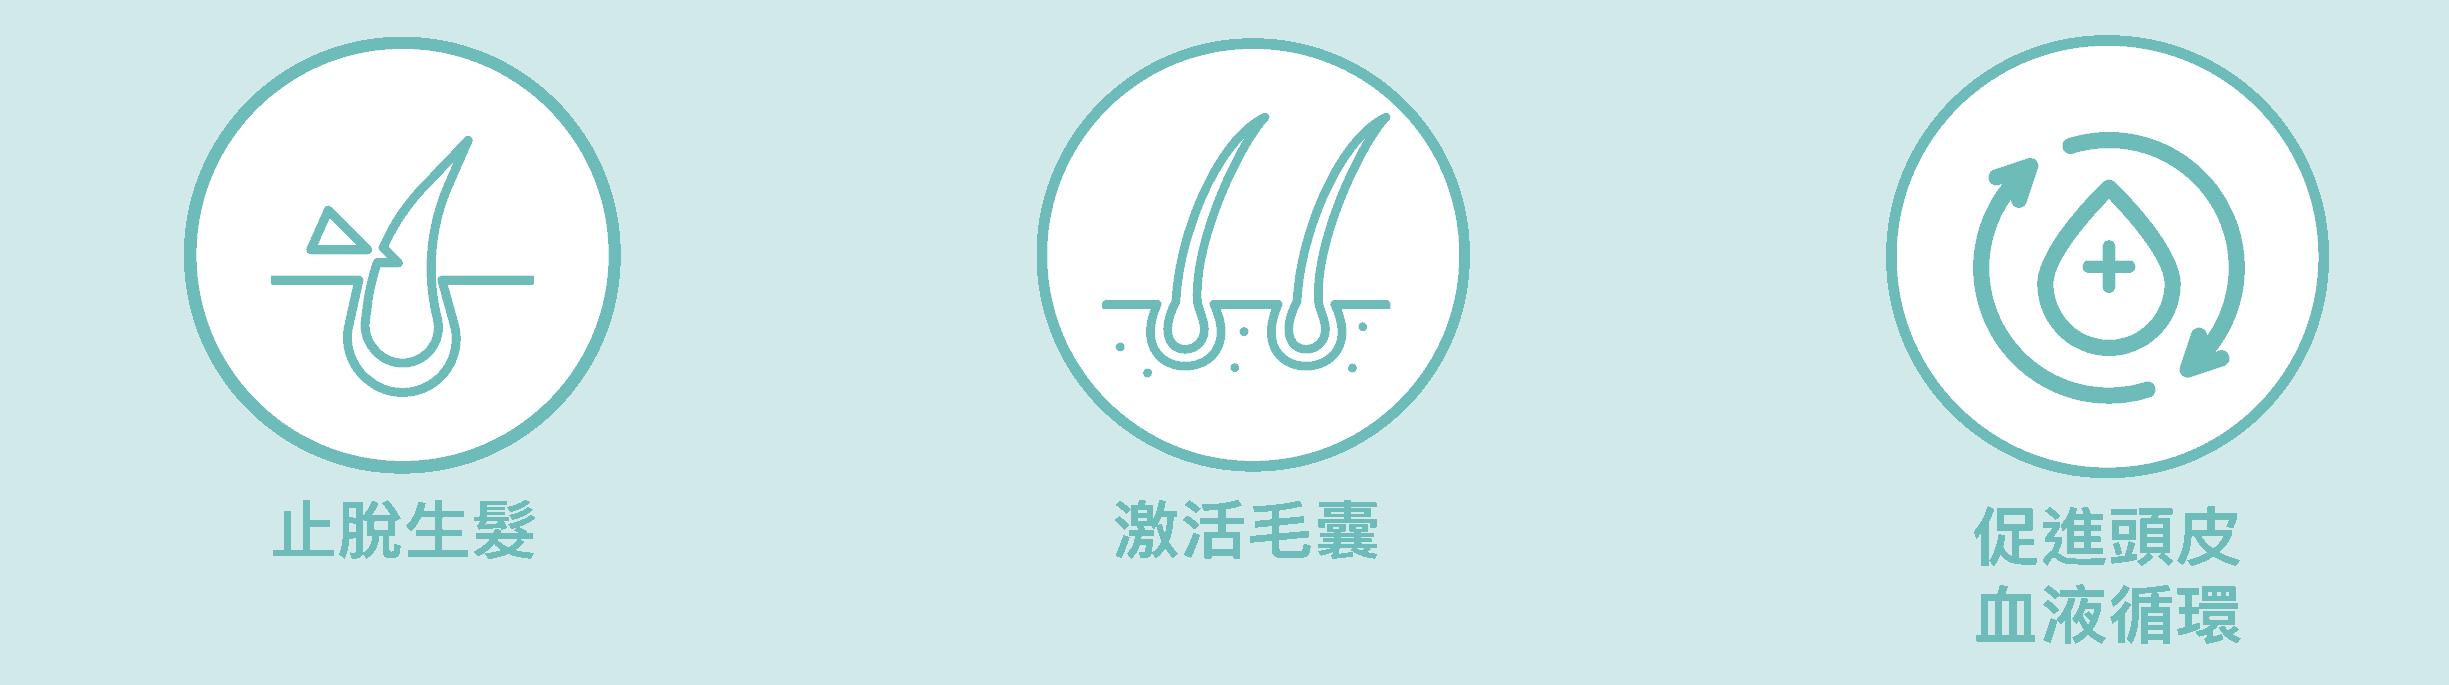 產後脫髮治療 icon1 24